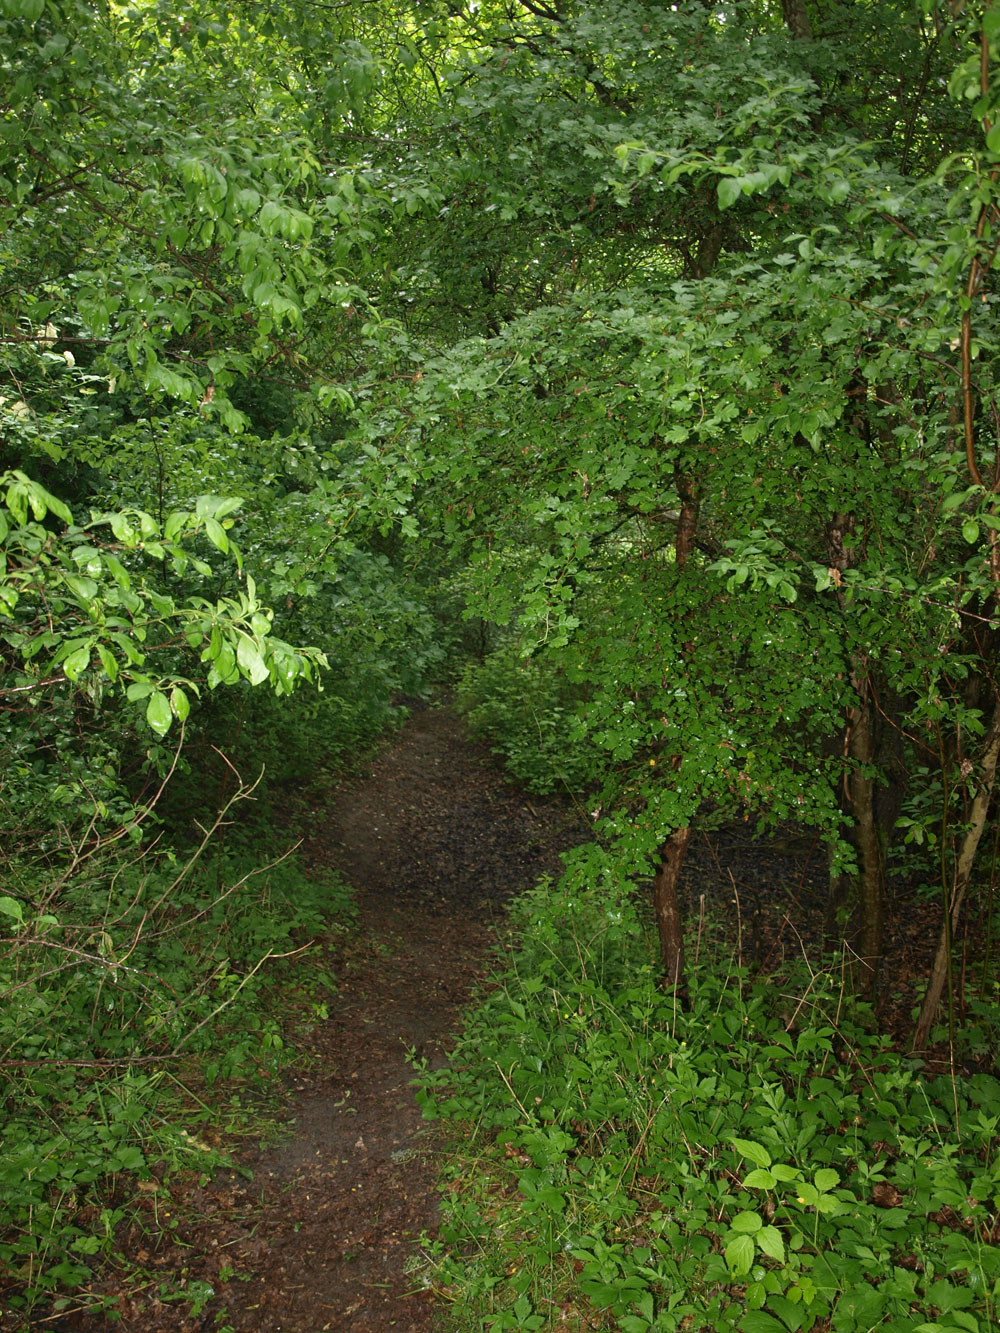 shelters ved natursti i skoven